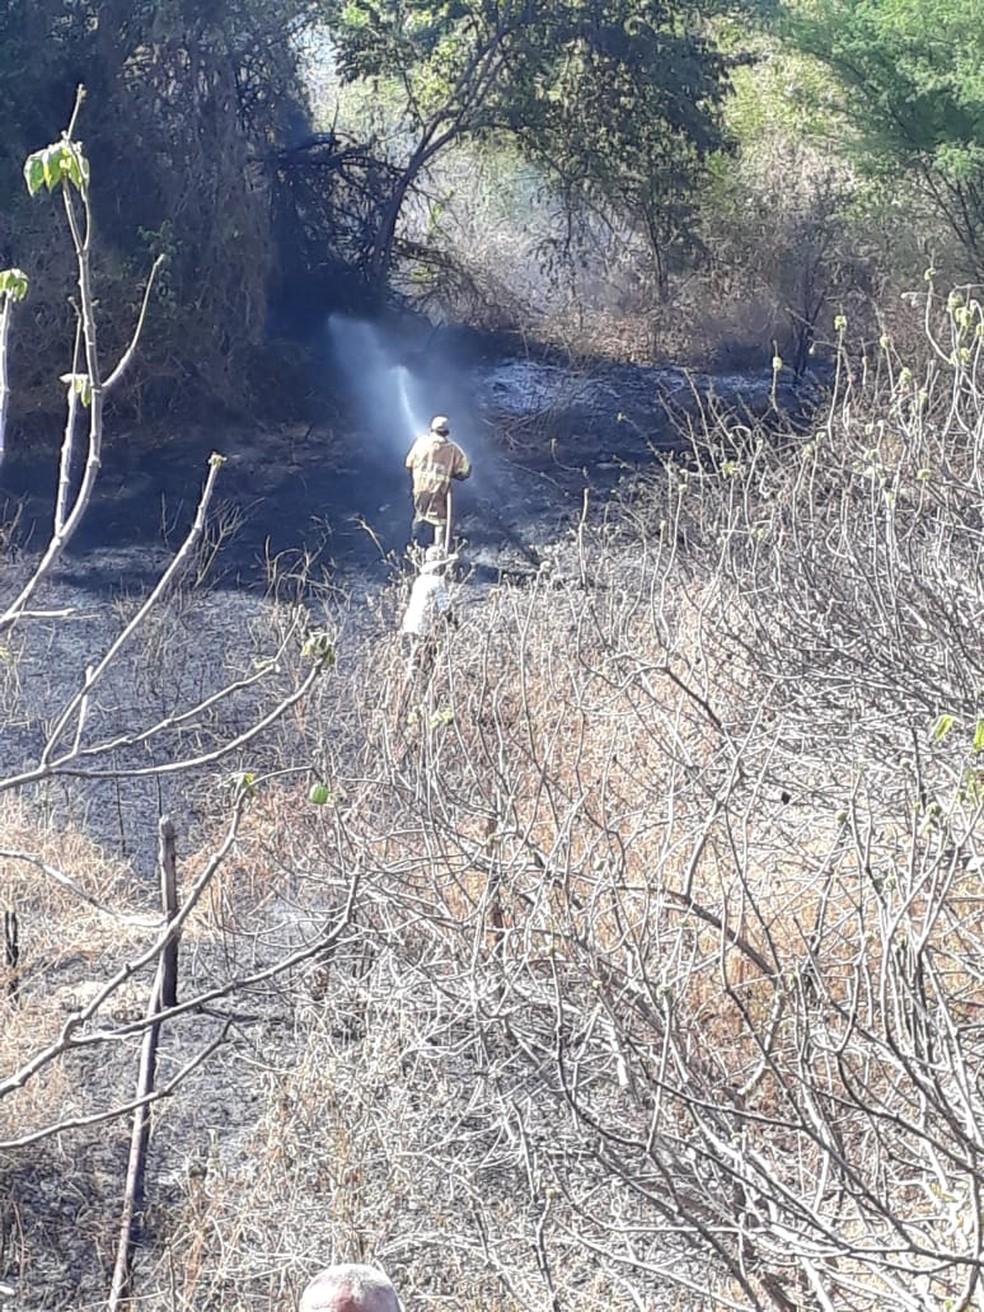 Cerca de dois hectares de vegetação foram atingidos — Foto: Divulgação/Corpo de Bombeiros/CE